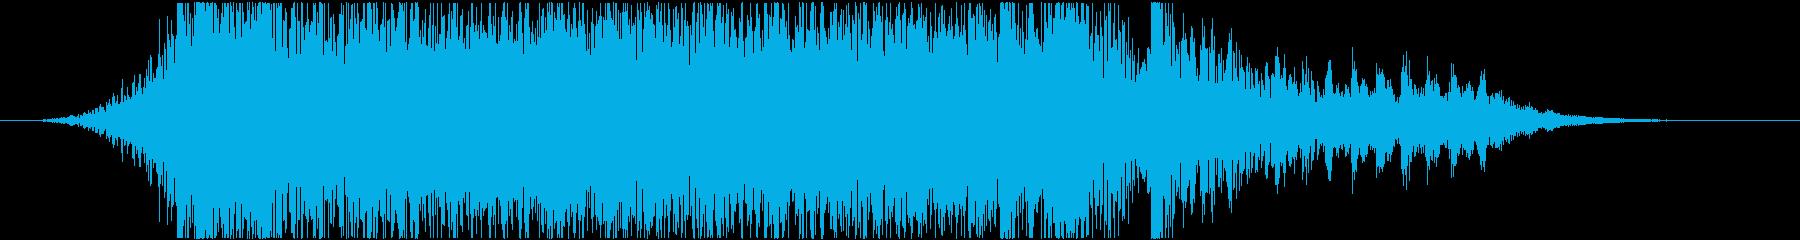 実験的な アクティブ 明るい ドラ...の再生済みの波形